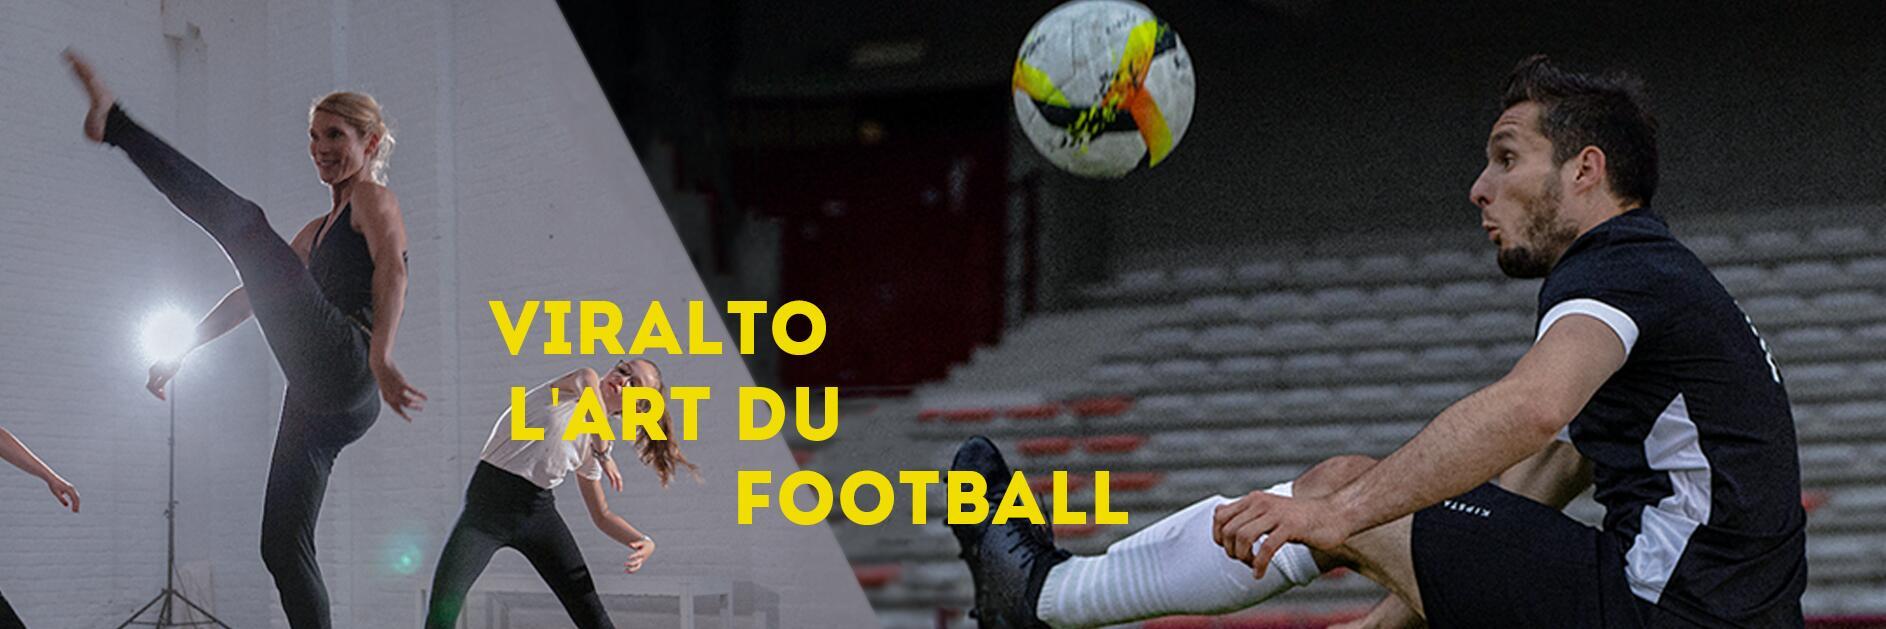 L'art du football